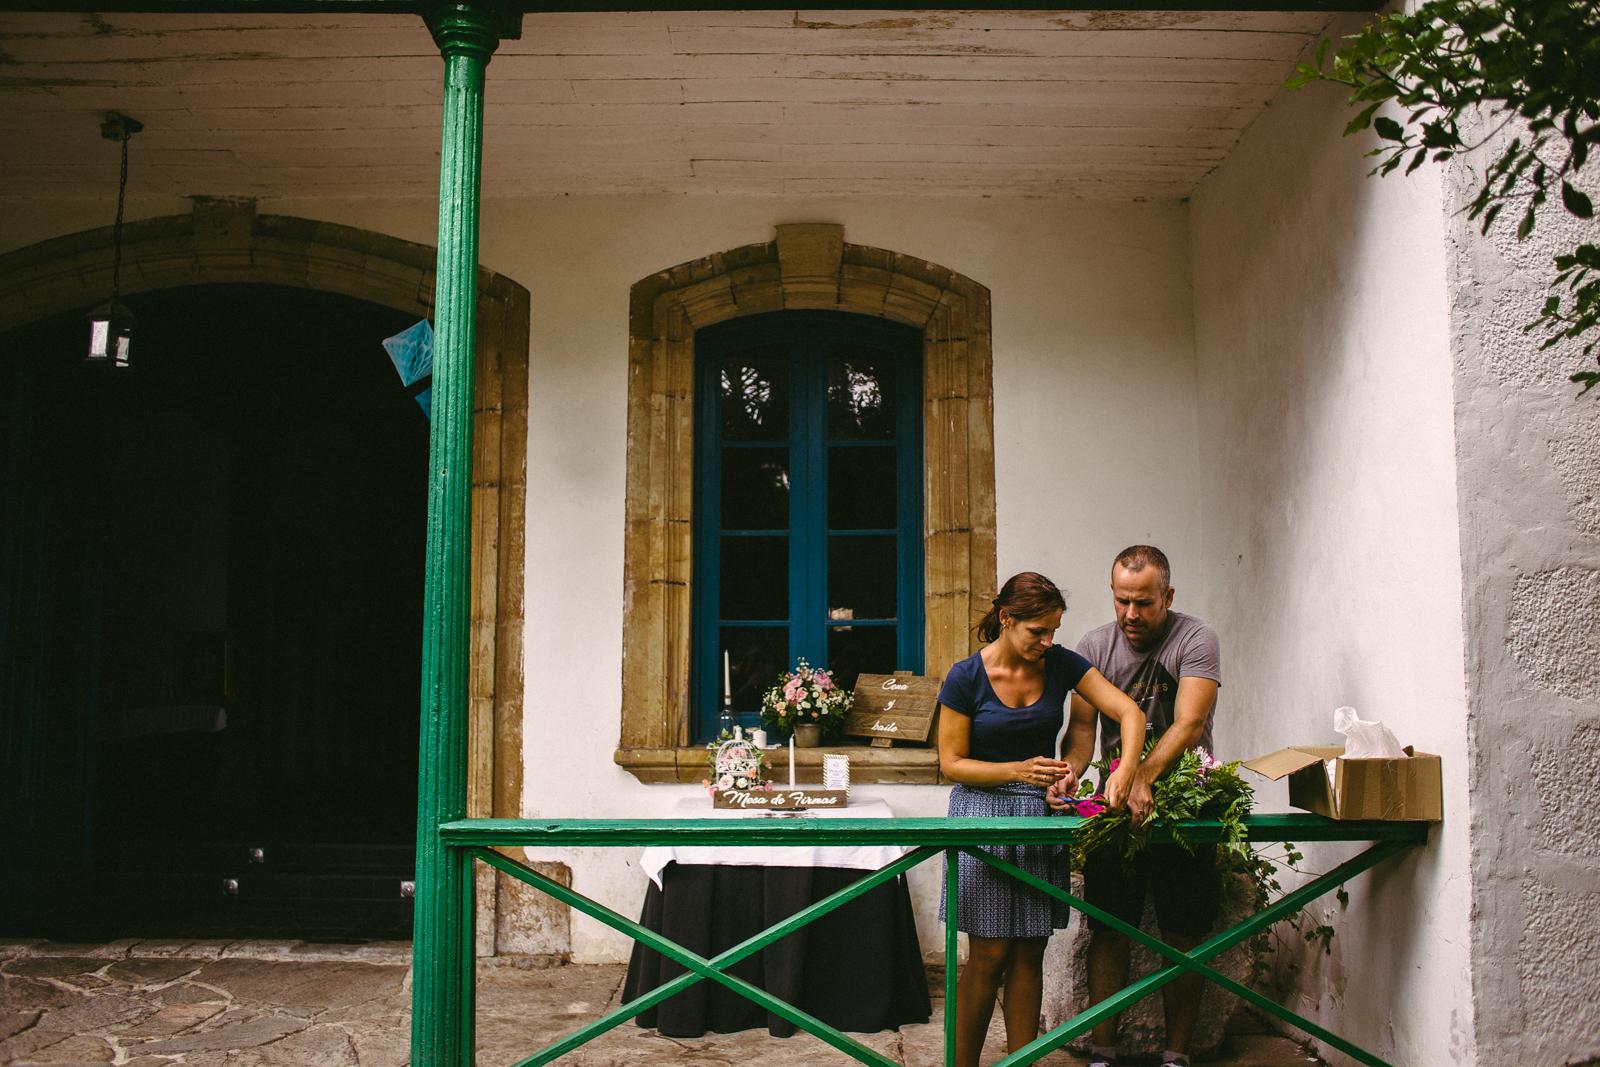 FOTOGRAFOS BODAS CANTABRIA SANTANDER BODA RINCON HAZAS DE CESTO ELENA Y TOÑIN-6.jpg